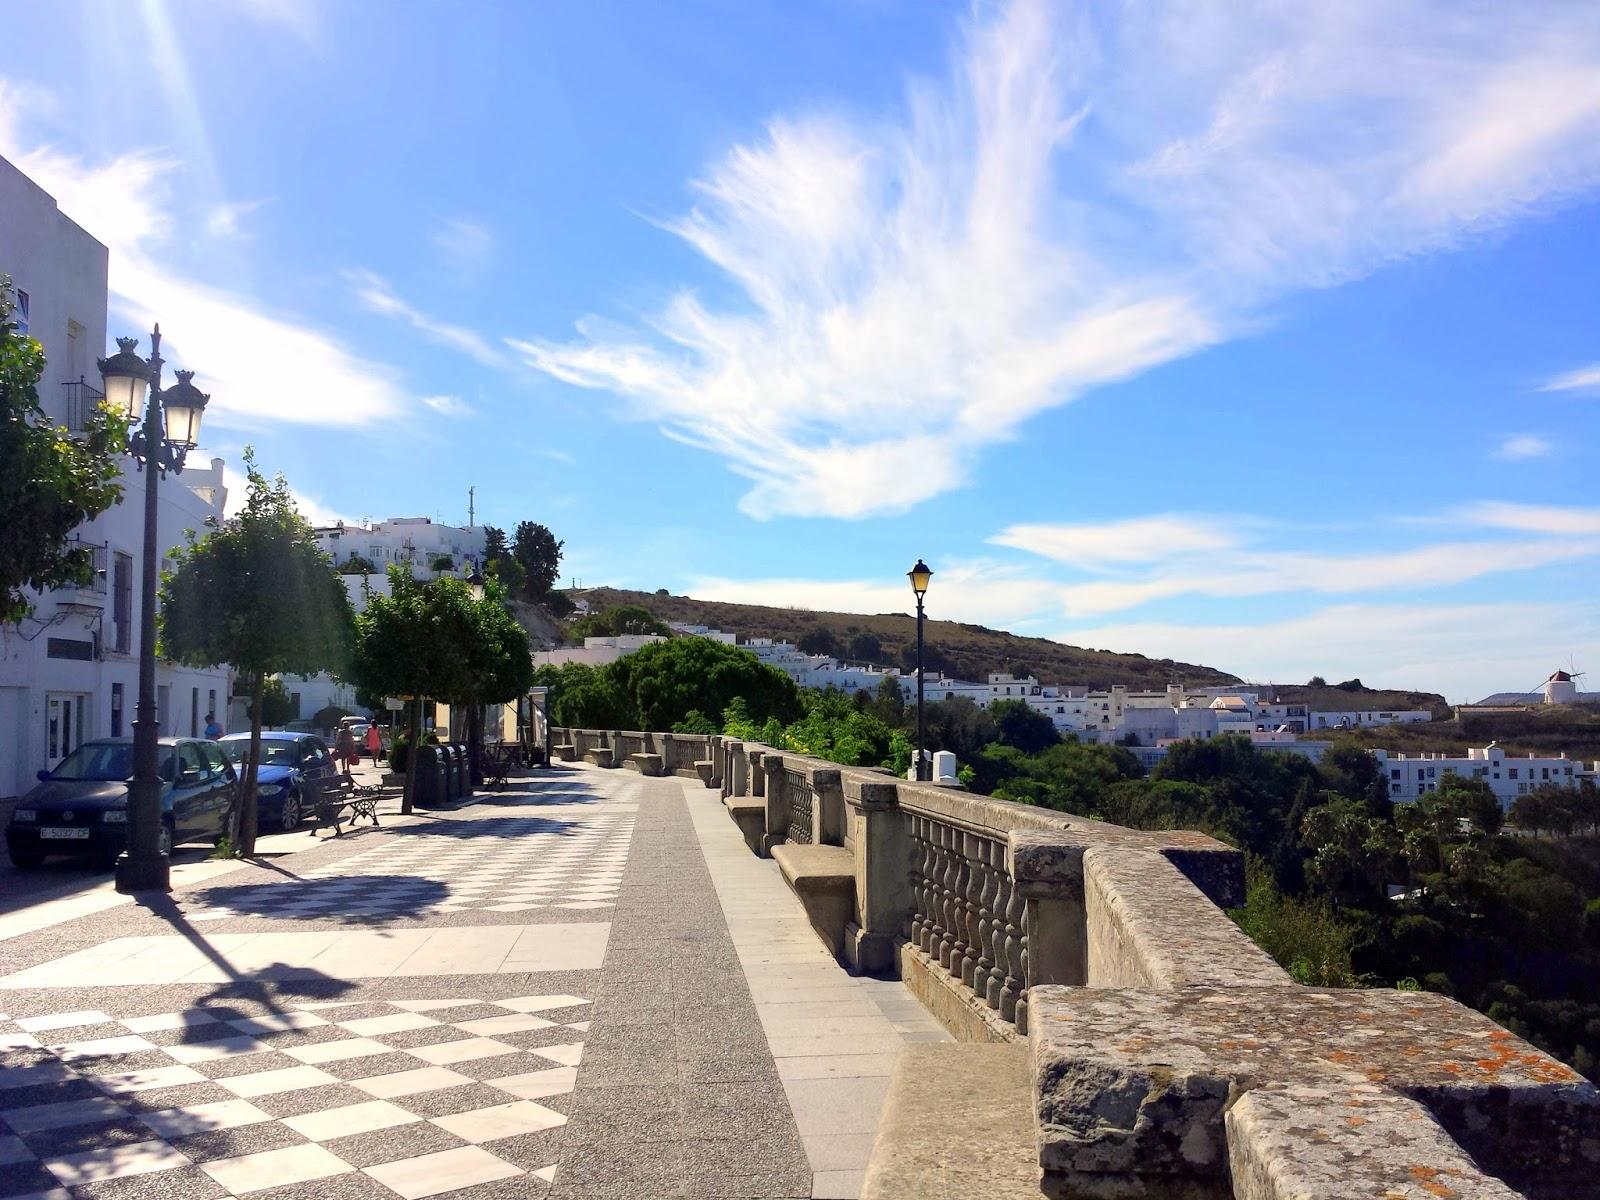 Vejer de la Frontera hillside  |  Postcard from Andalucía: Vejer de la Frontera on afeathery*nest  |  http://afeatherynest.com